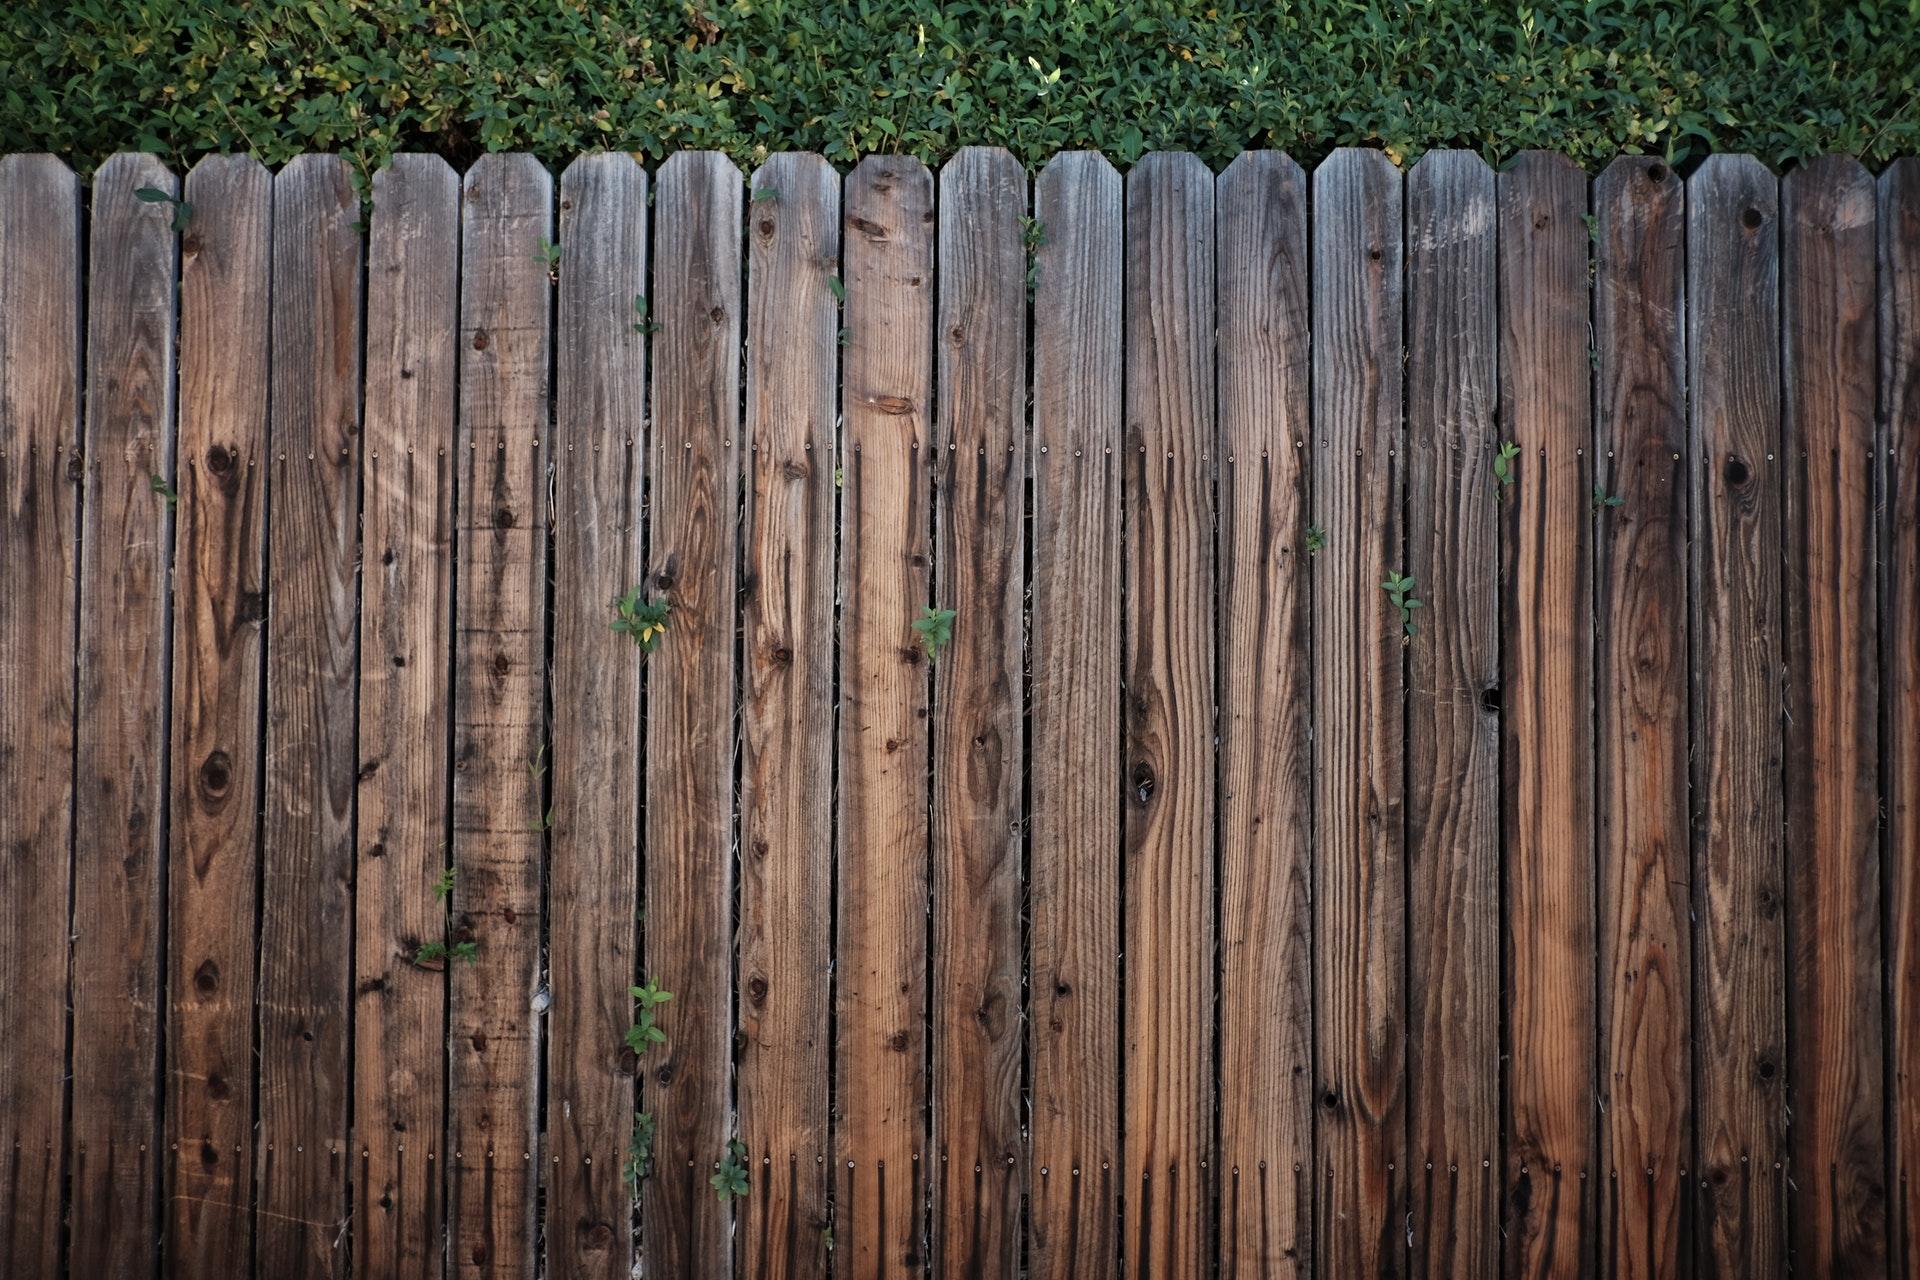 pexels-snapwire-113726